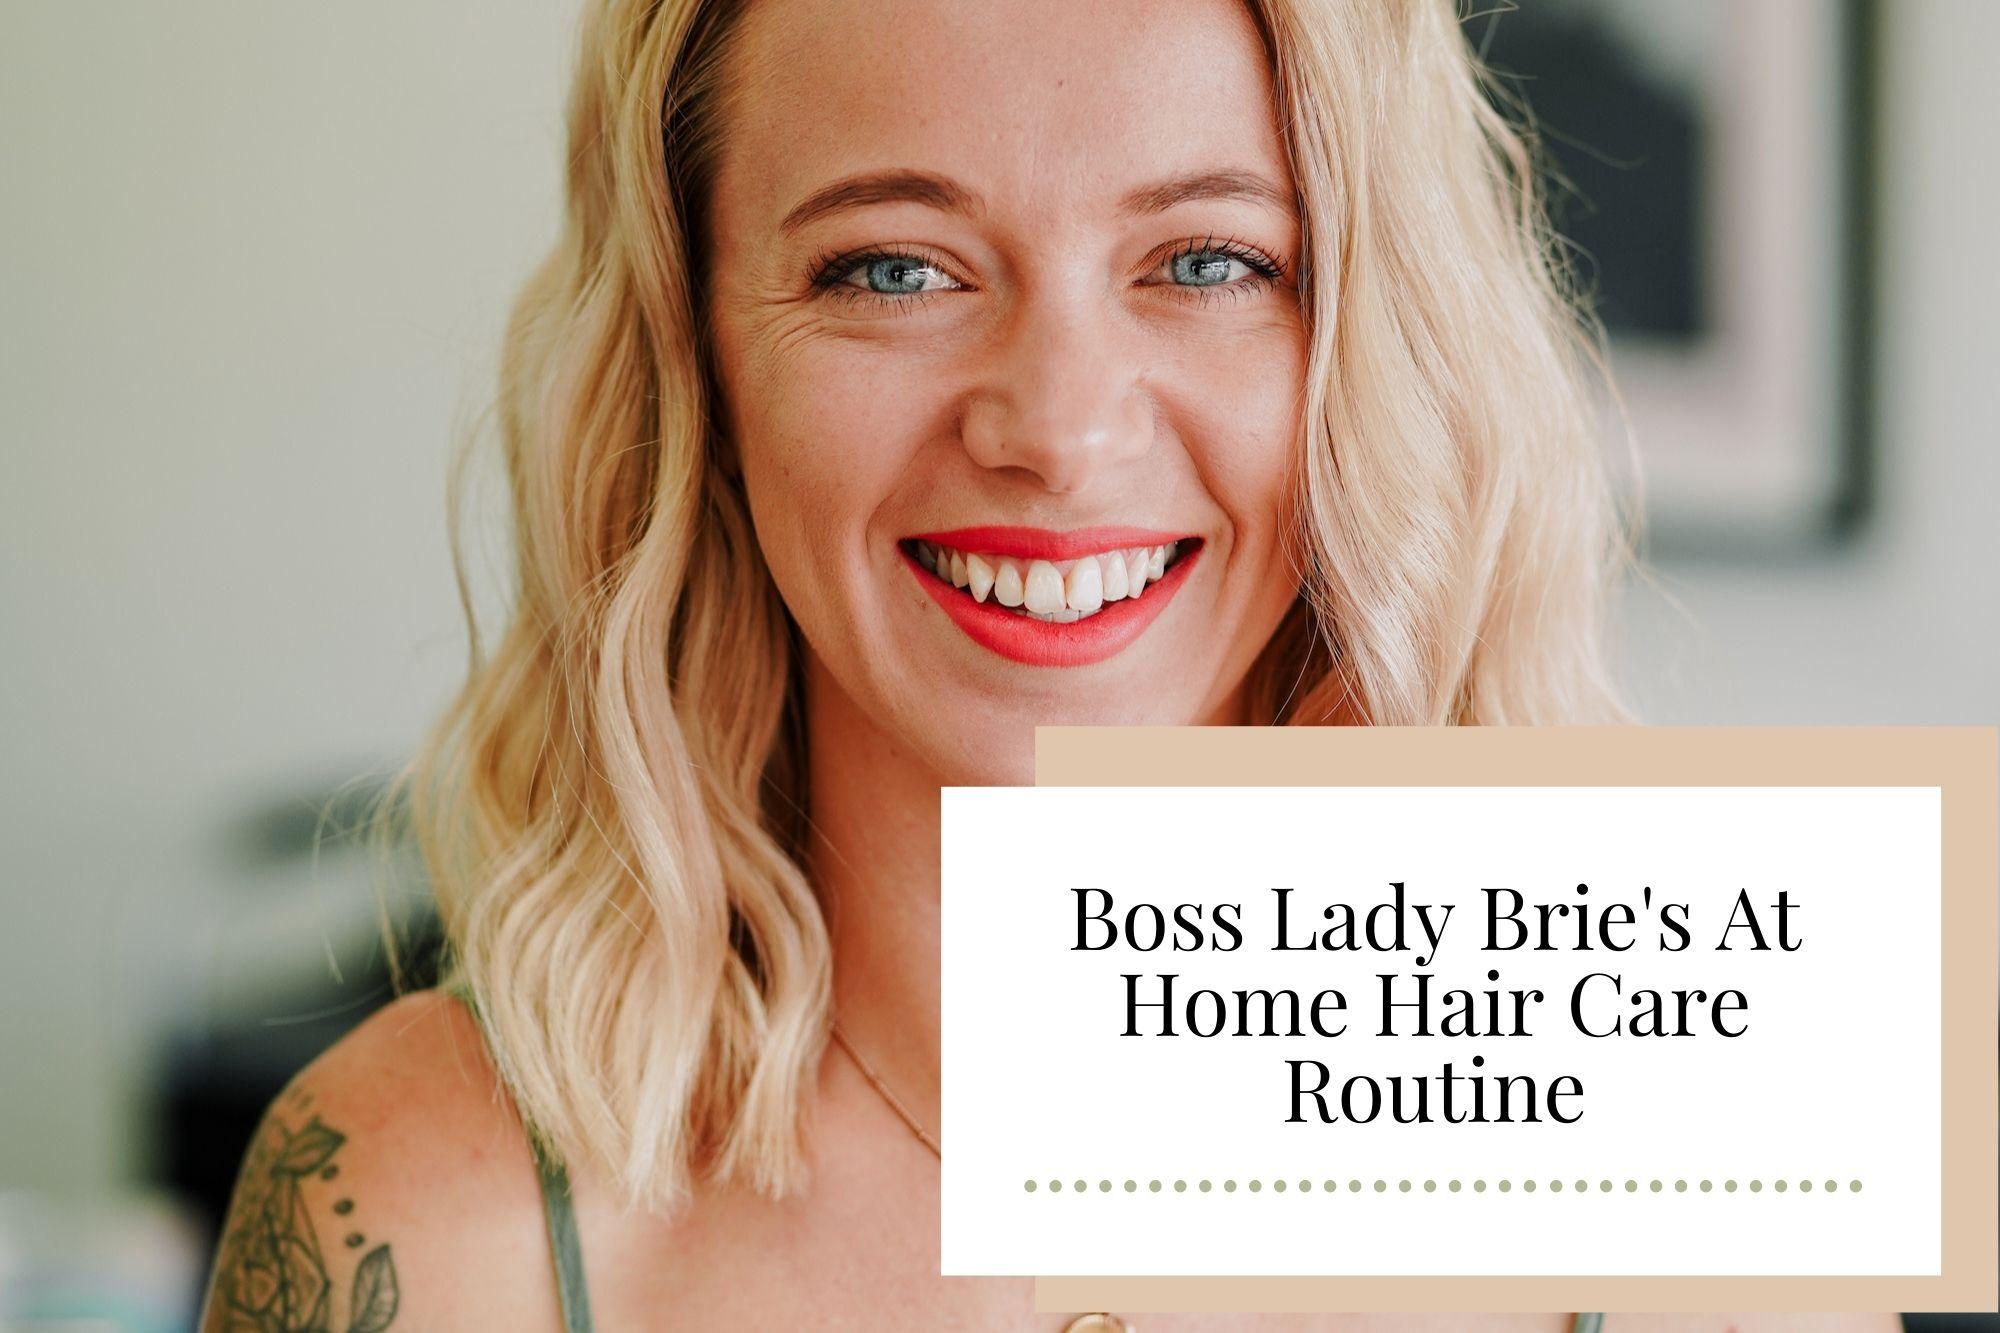 Boss Lady Brie's At Home Hair Care Routine - Newcastle Hair Salon - Blanc Hair Studio